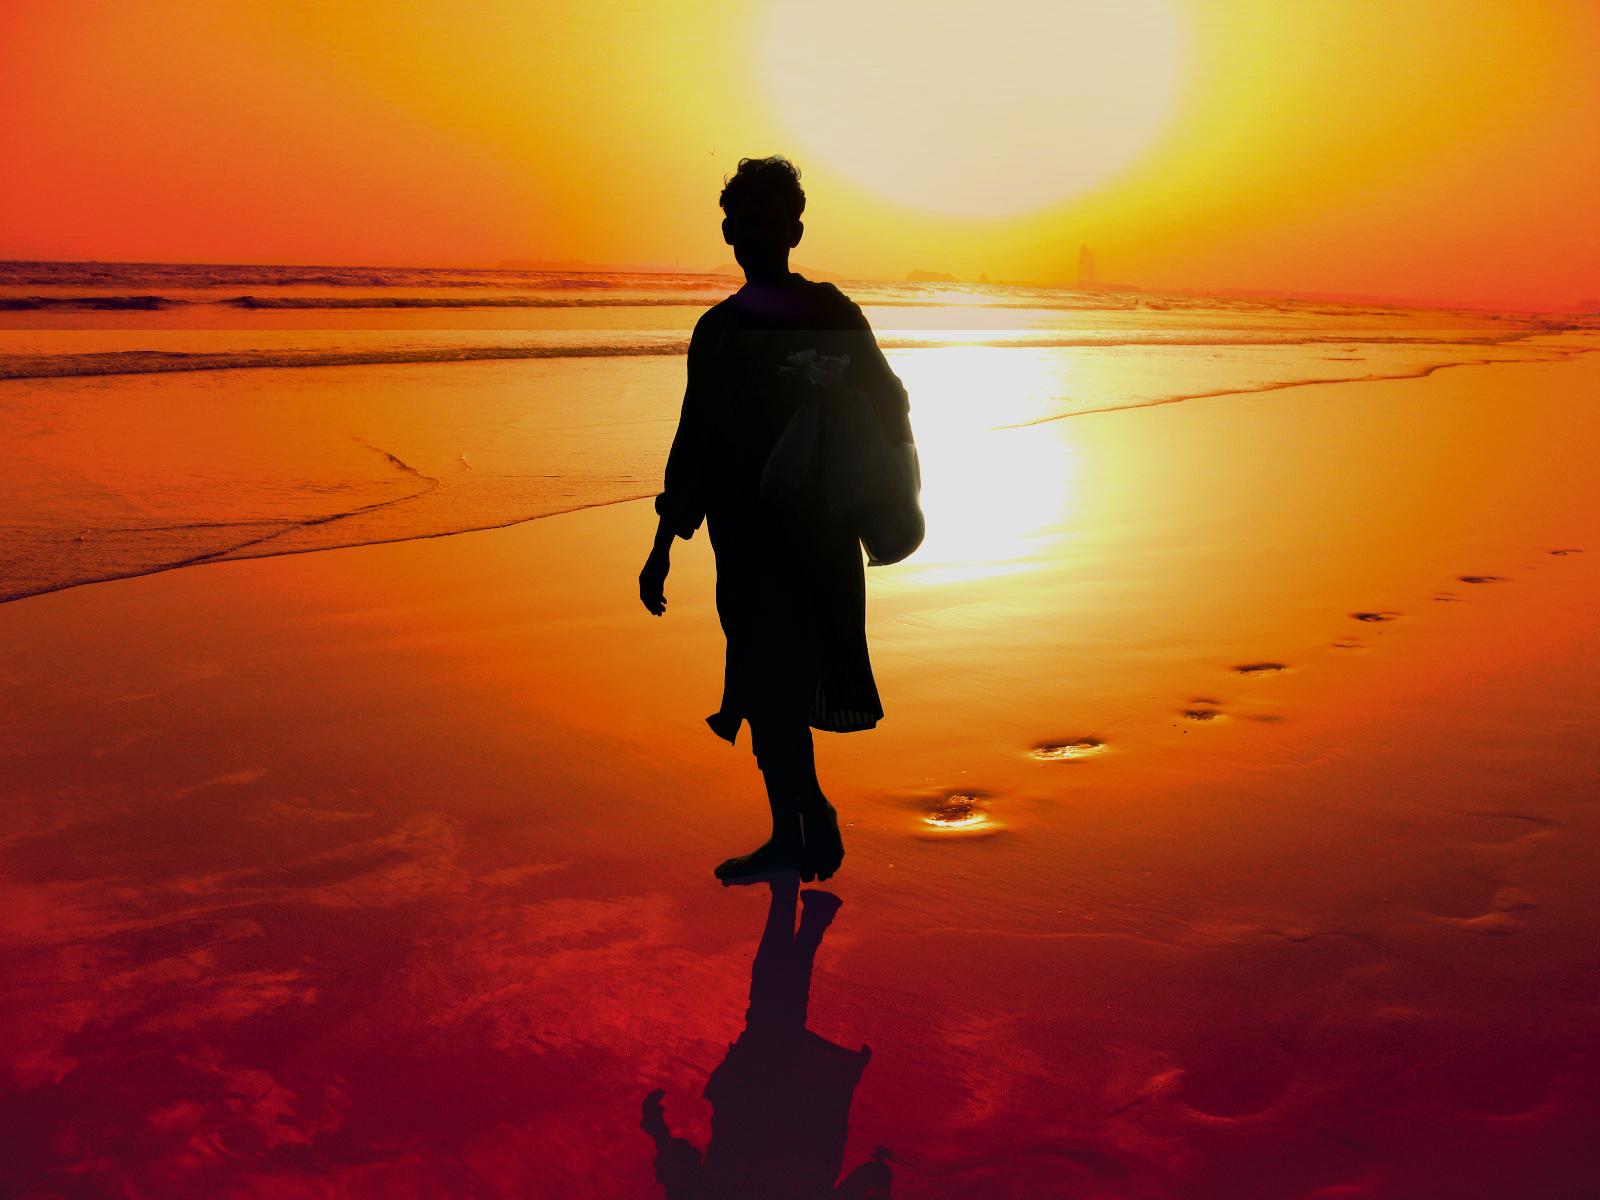 Sfondi Luce Del Sole Tramonto Acqua Sabbia Riflessione Cielo